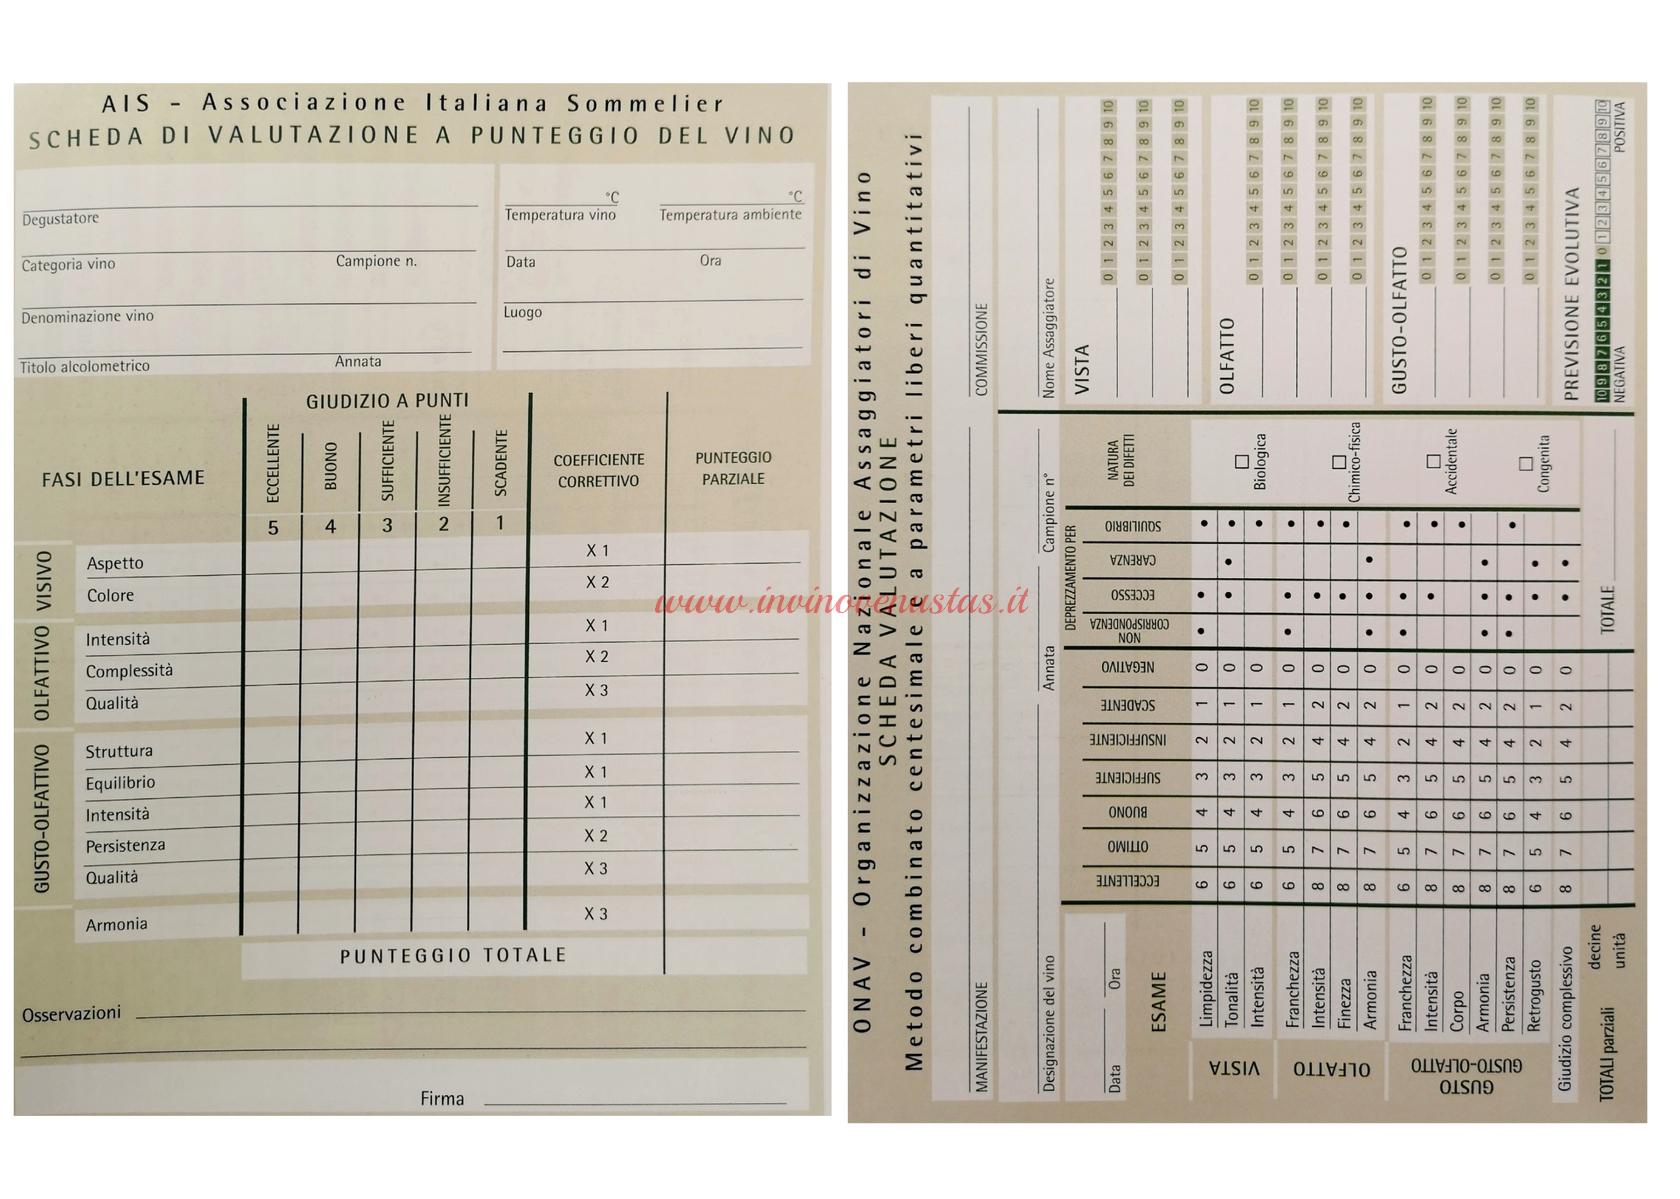 Esempio scheda valutazione vino AIS e ONAV